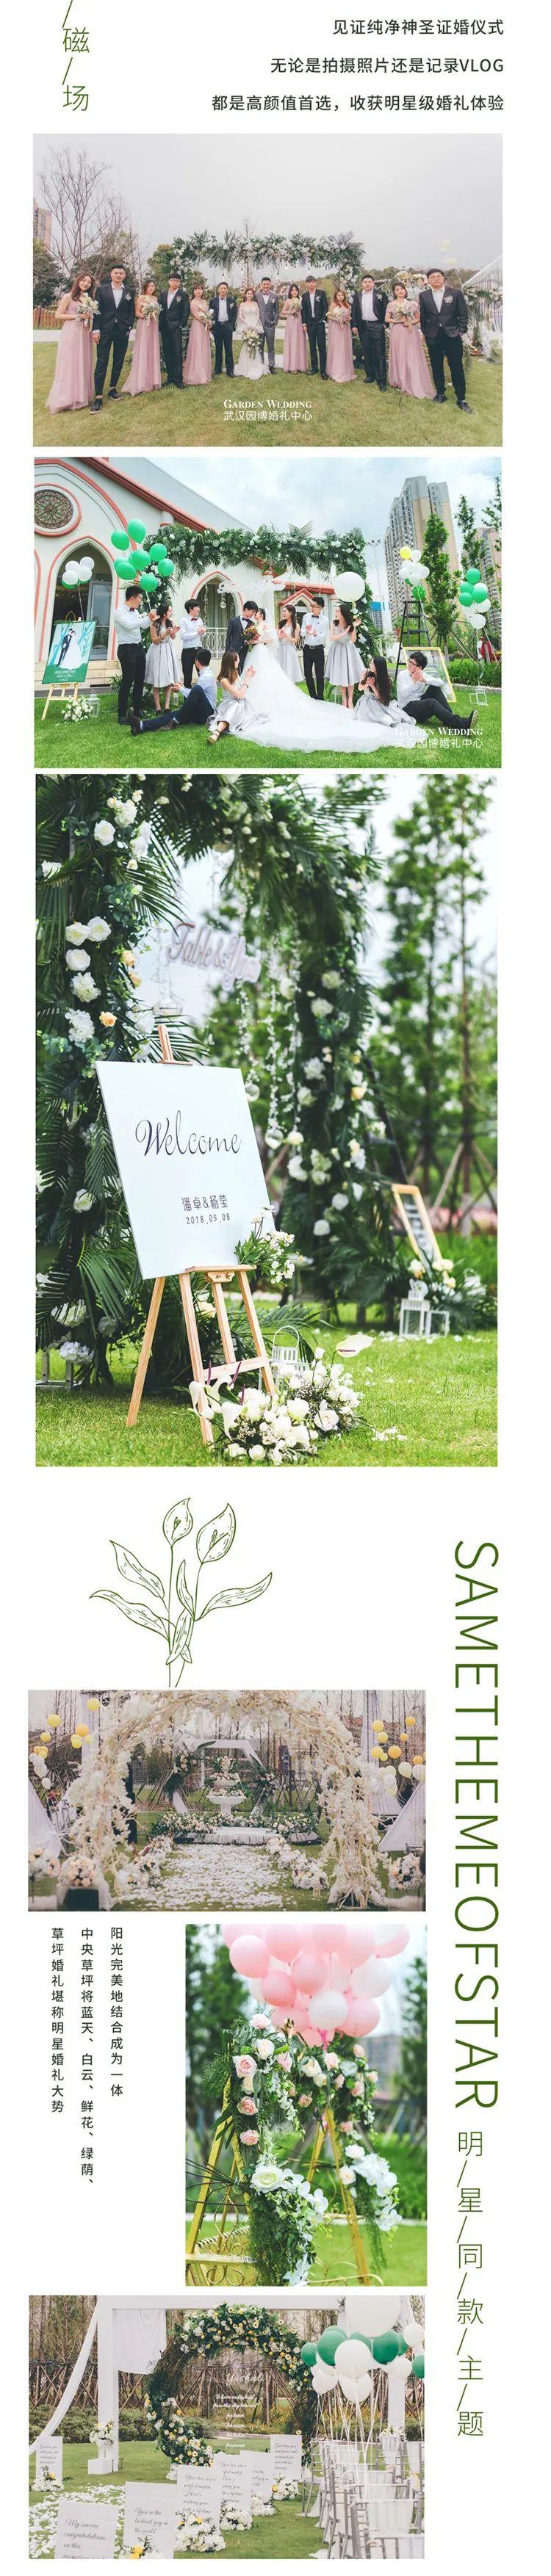 婚礼堂发布:8大场地!华中地区园林式宴会领军者  第26张